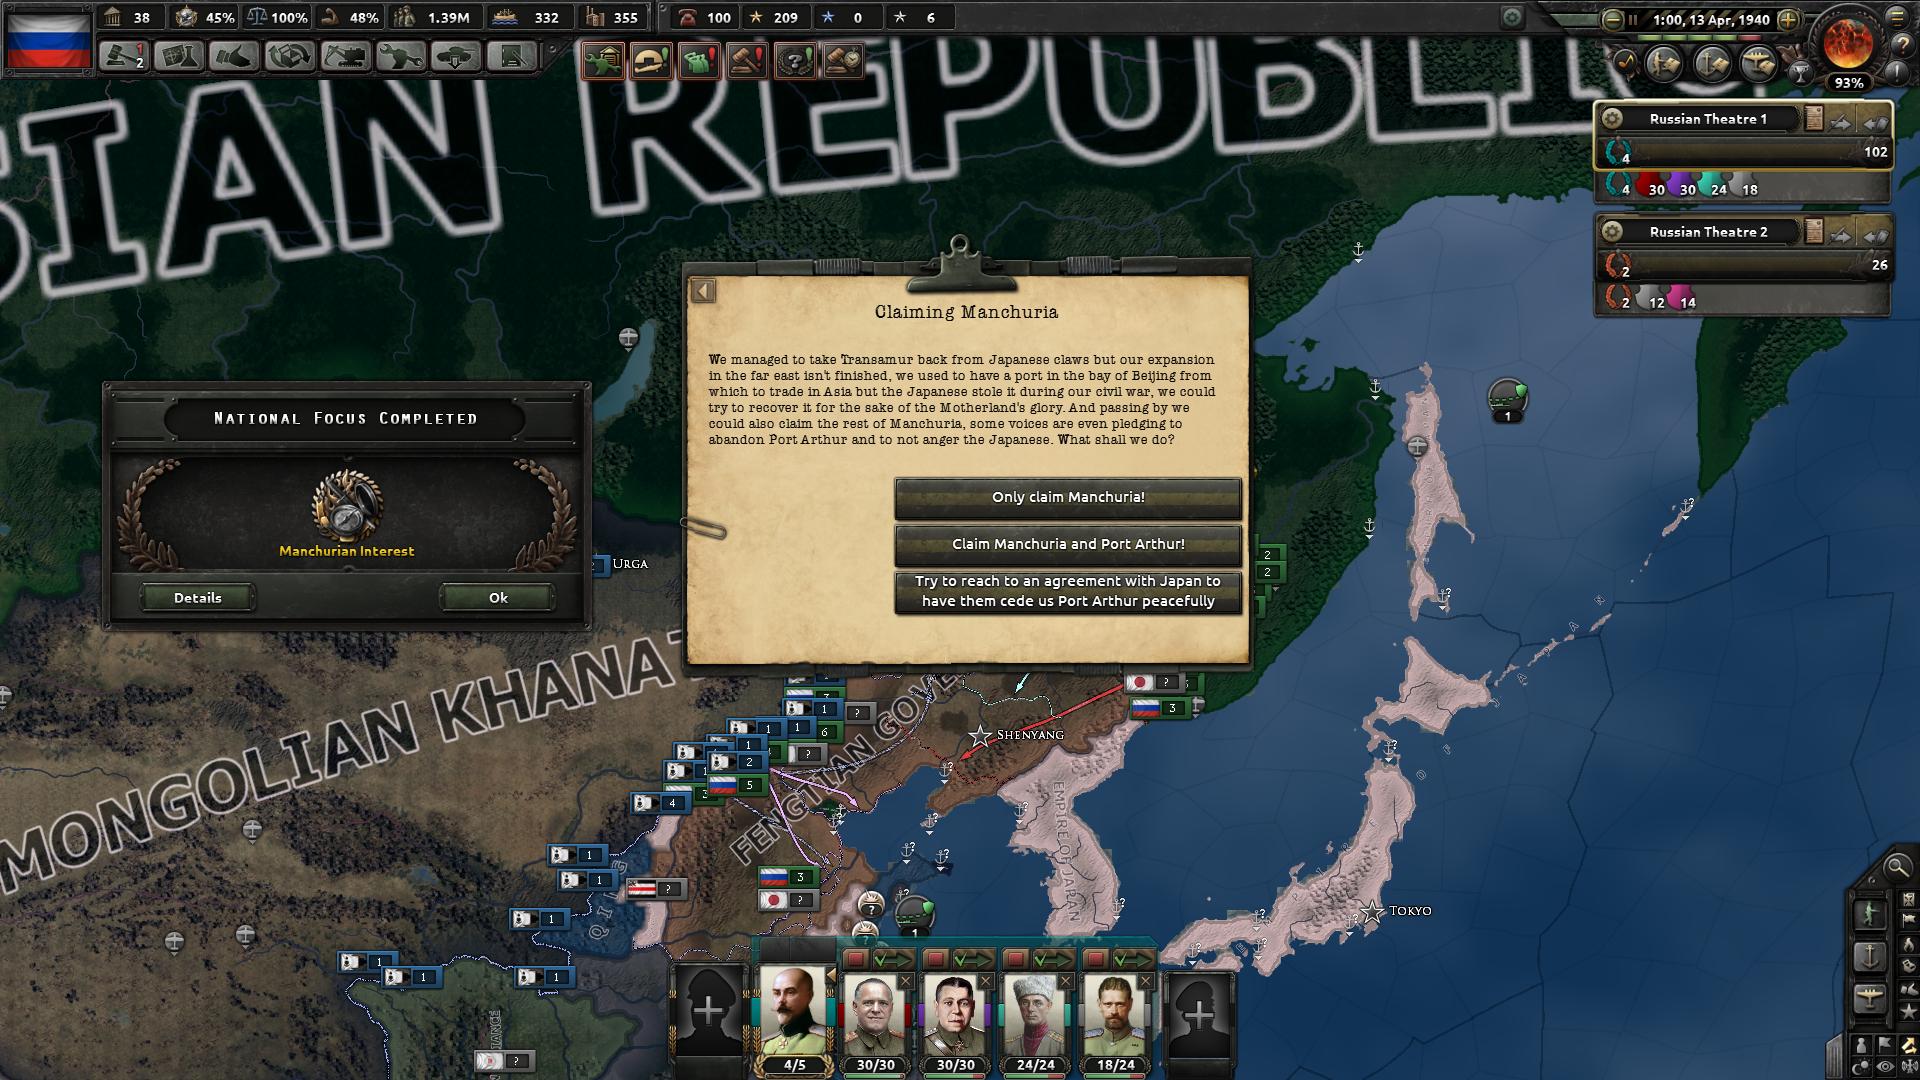 Manchurian interest